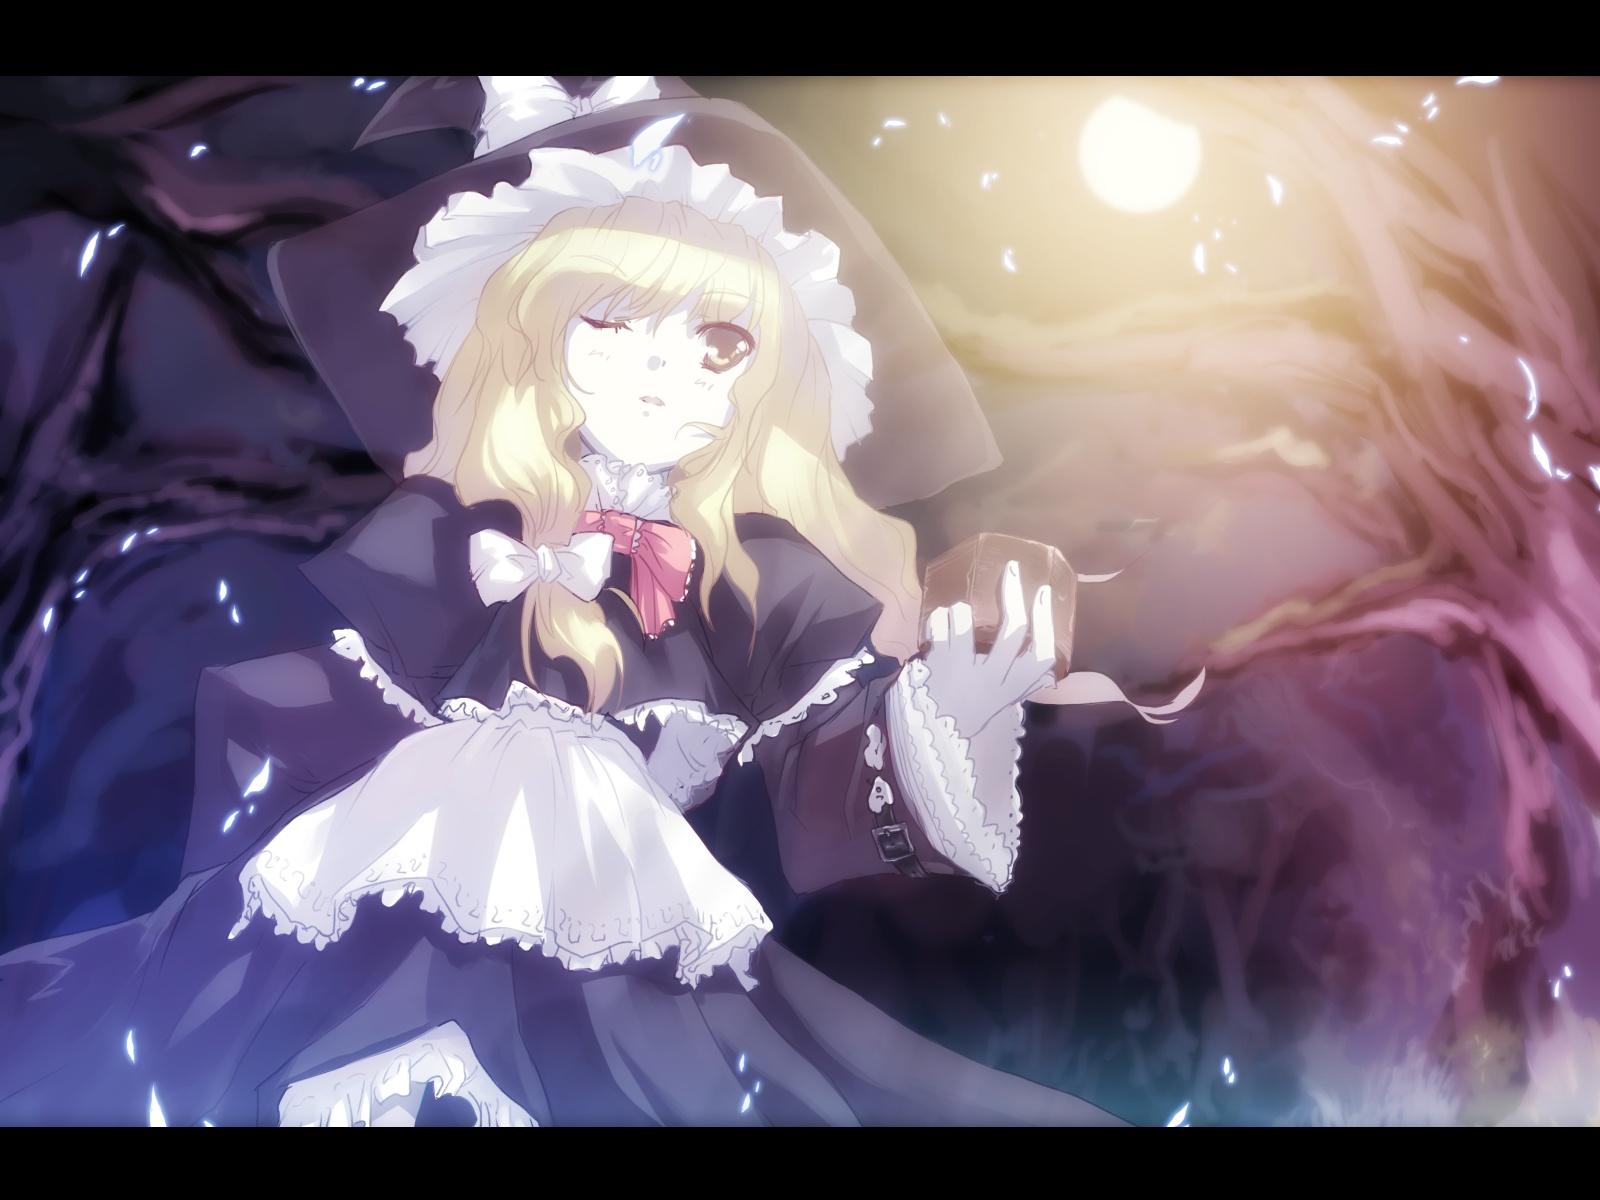 kirisame_marisa tokiame touhou witch